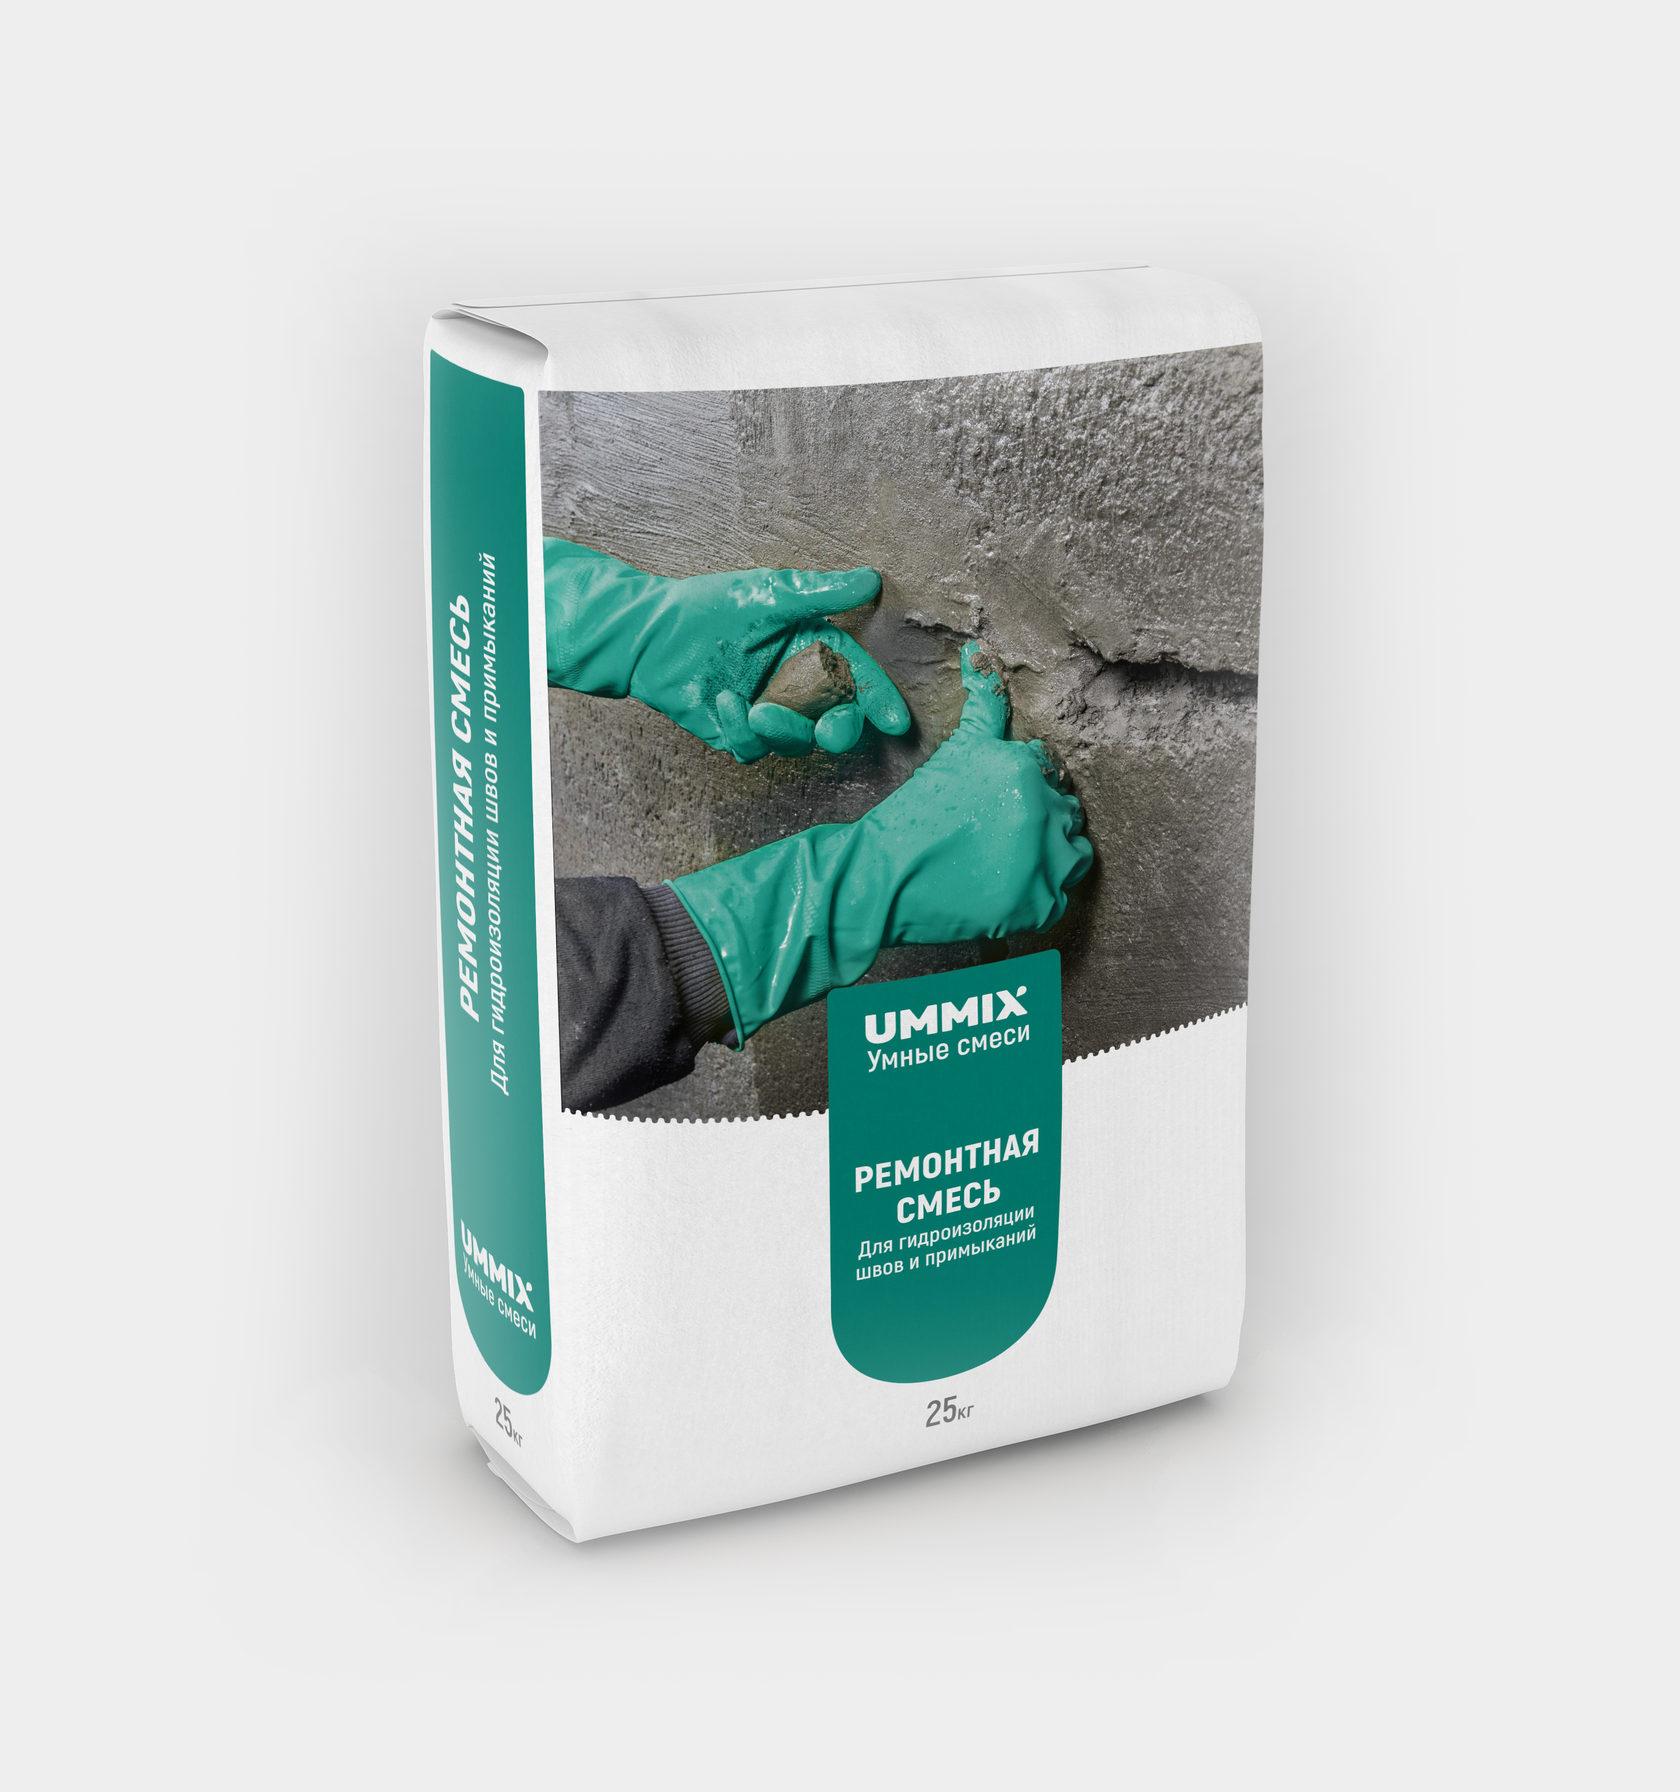 Бетонные смеси решение задач раствор цементный кладочный м100 гост